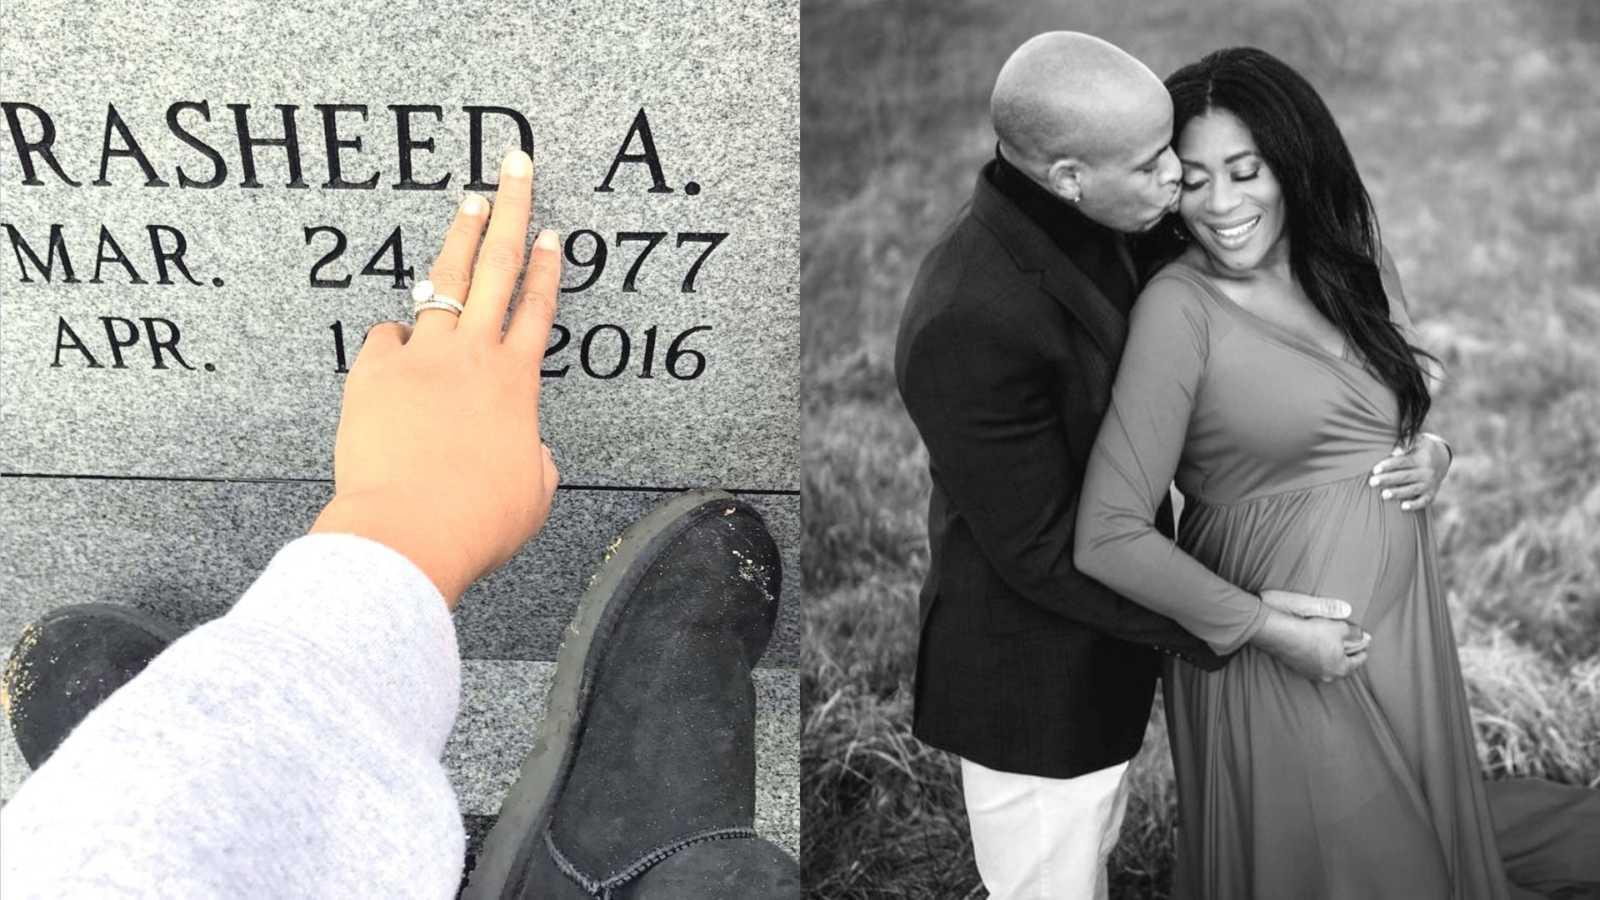 Έφερε στον κόσμο το παιδί του άντρα της…5 χρόνια μετά τον θάνατό του